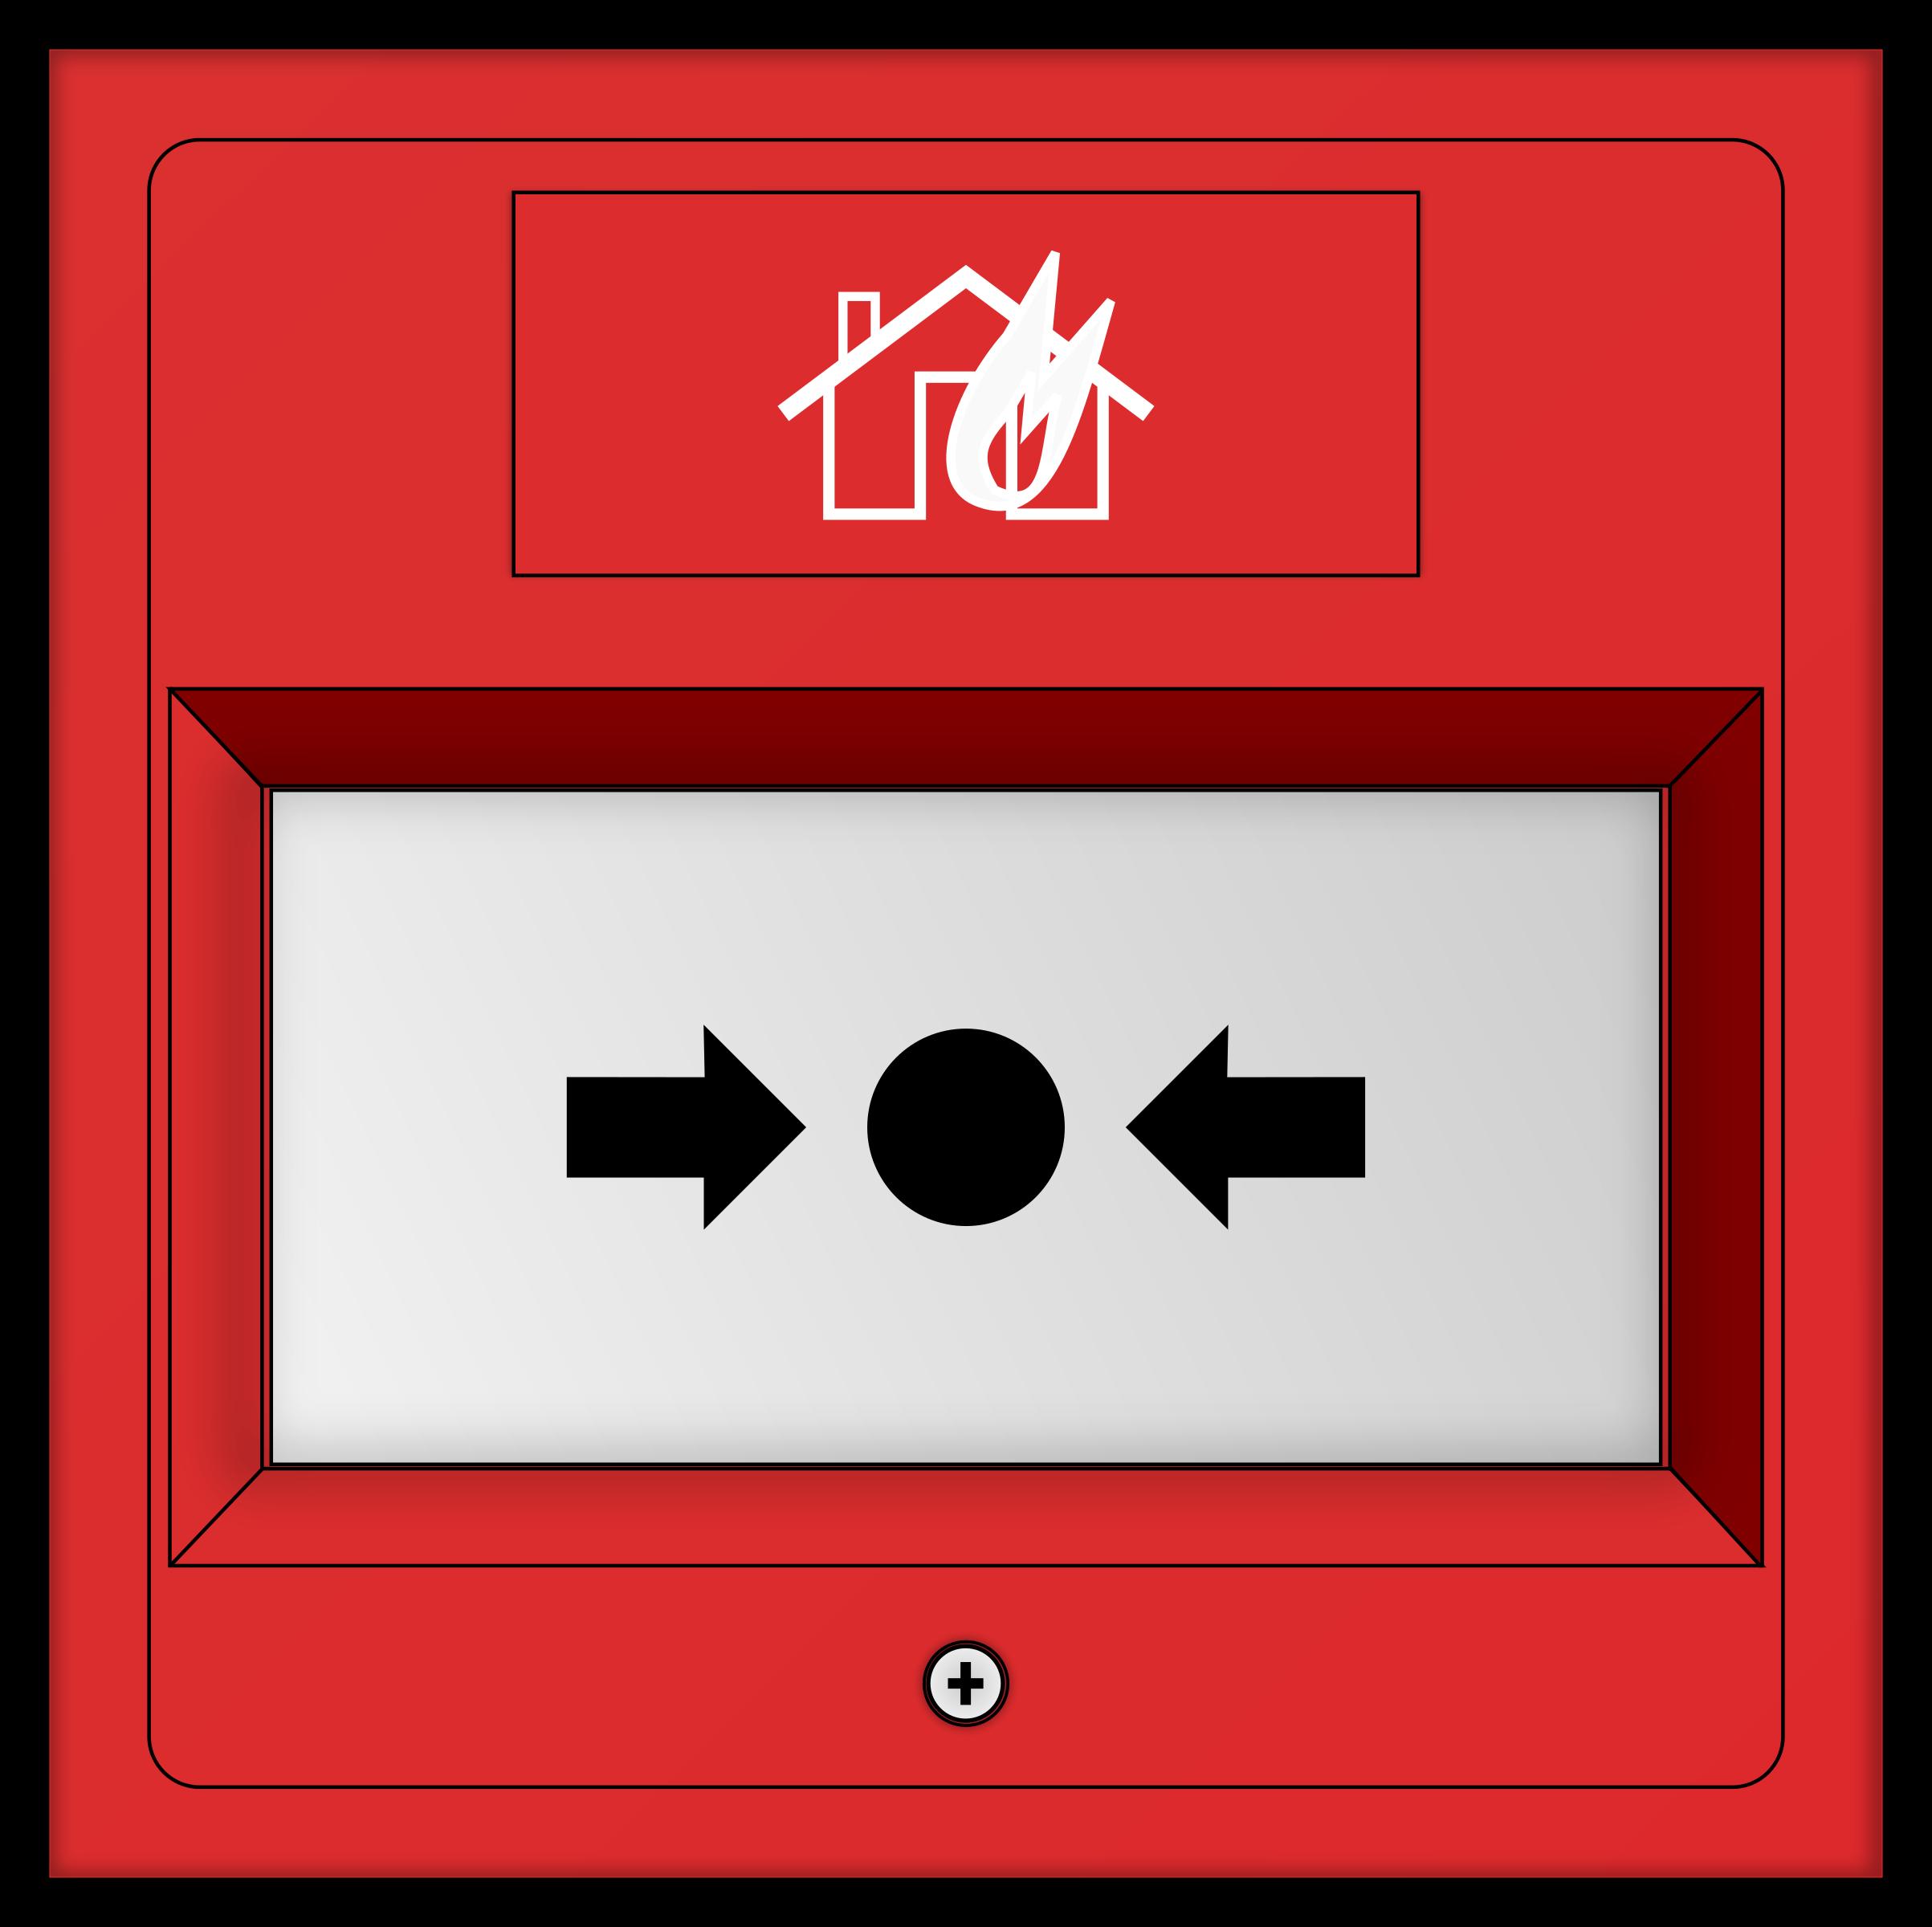 Alarme incendie en anglais peinture gratuite aude for Alarme incendie obligatoire maison